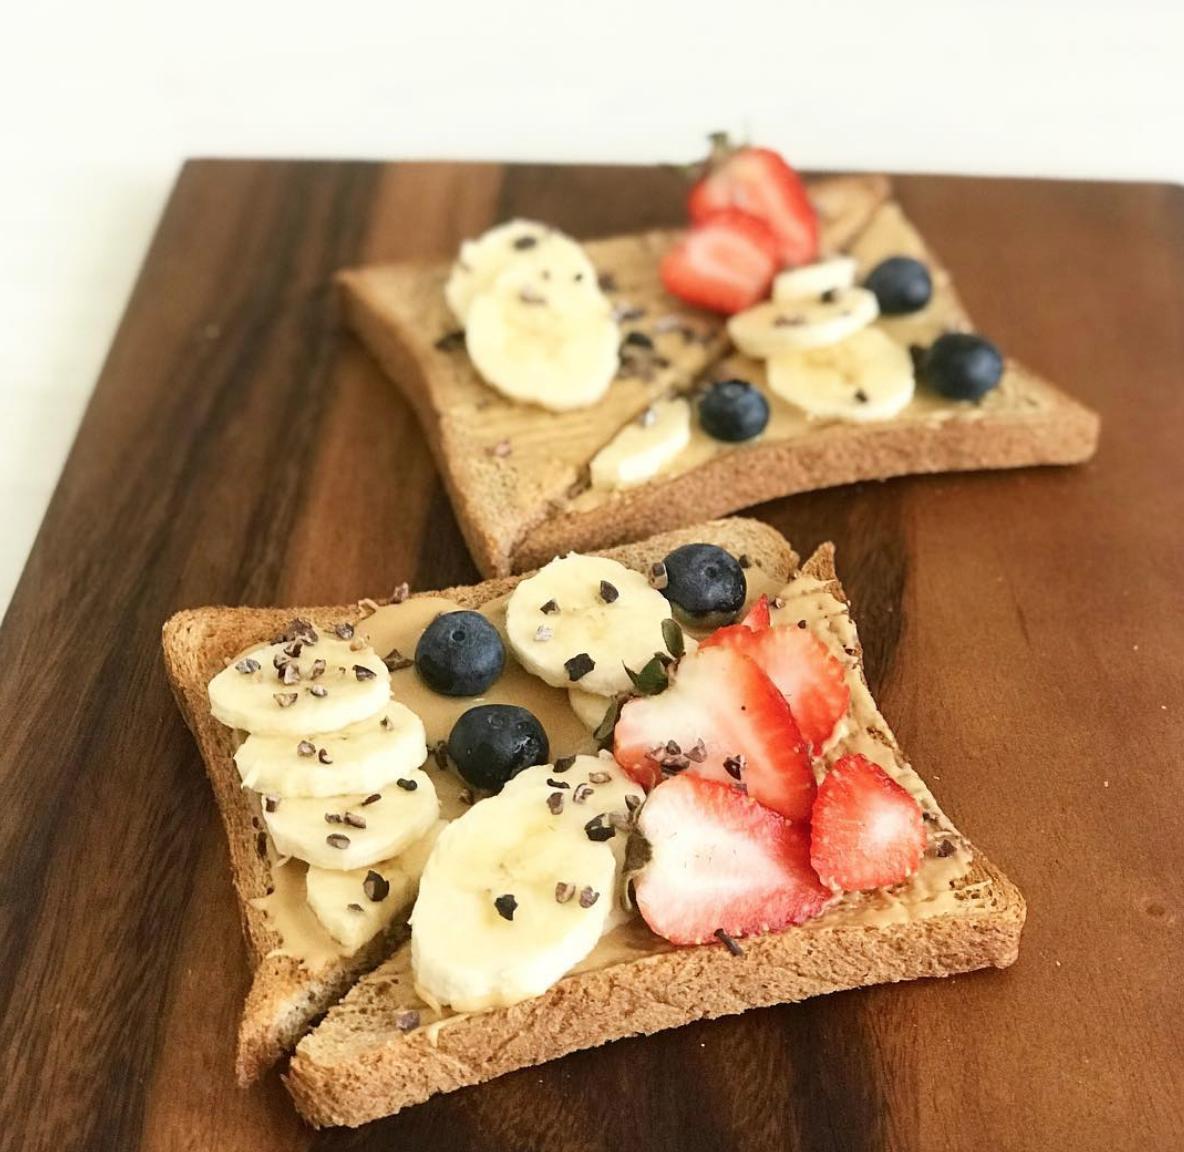 Tostadas con mantequilla de maní y frutas